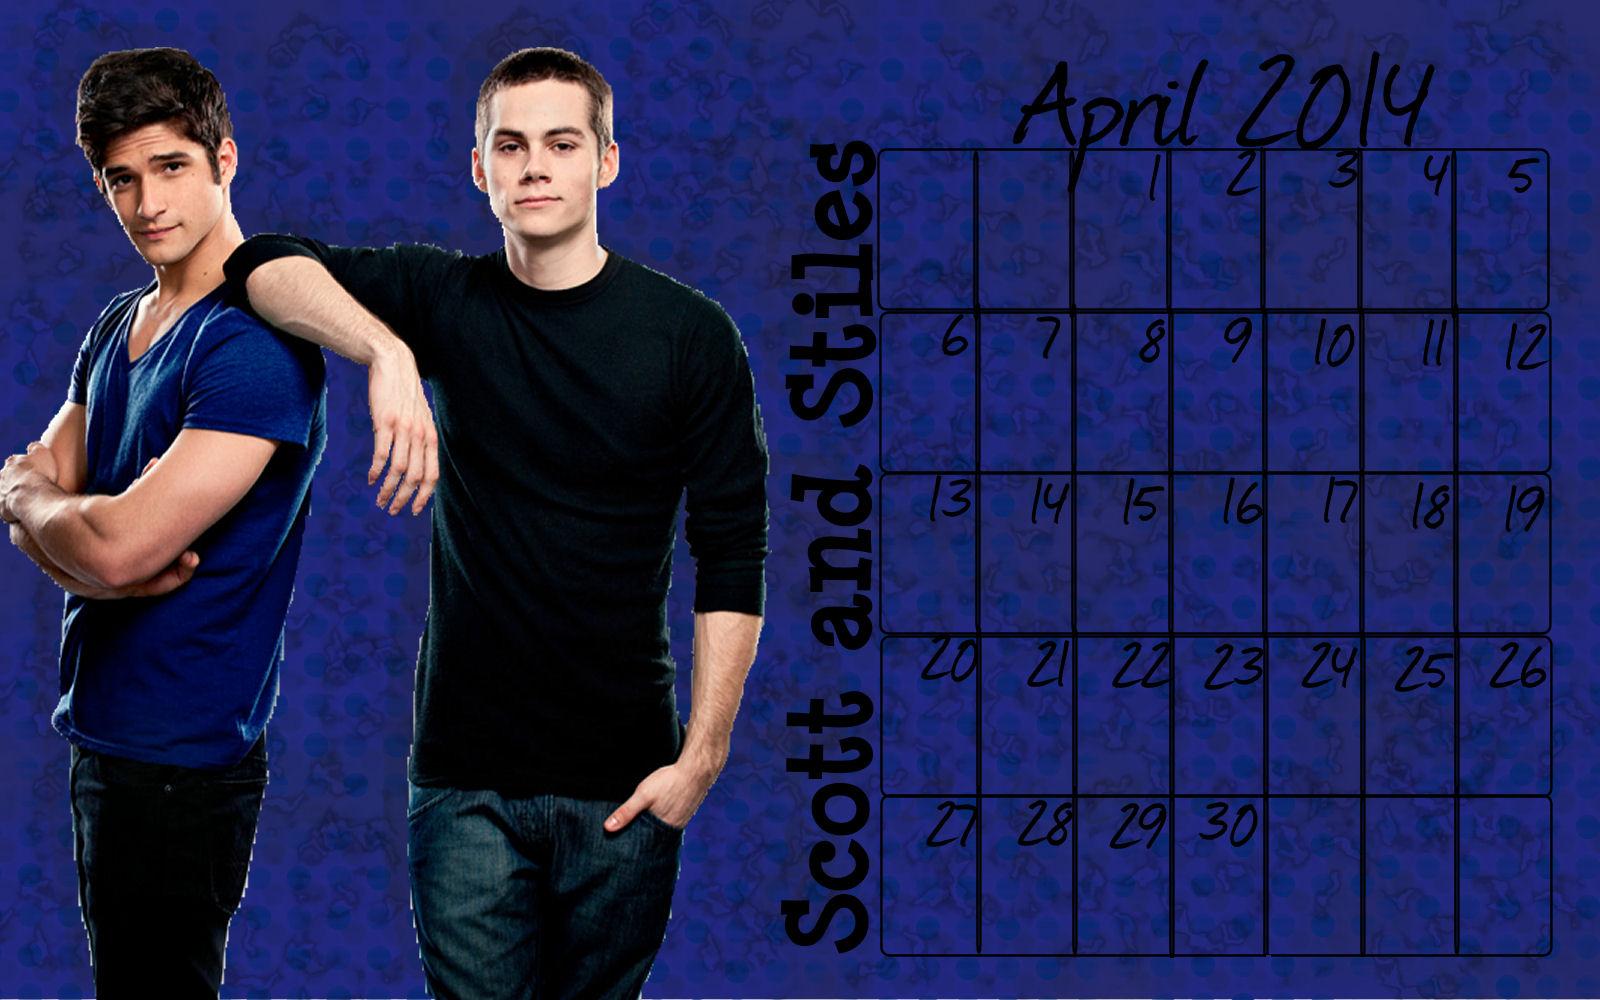 04.TW April